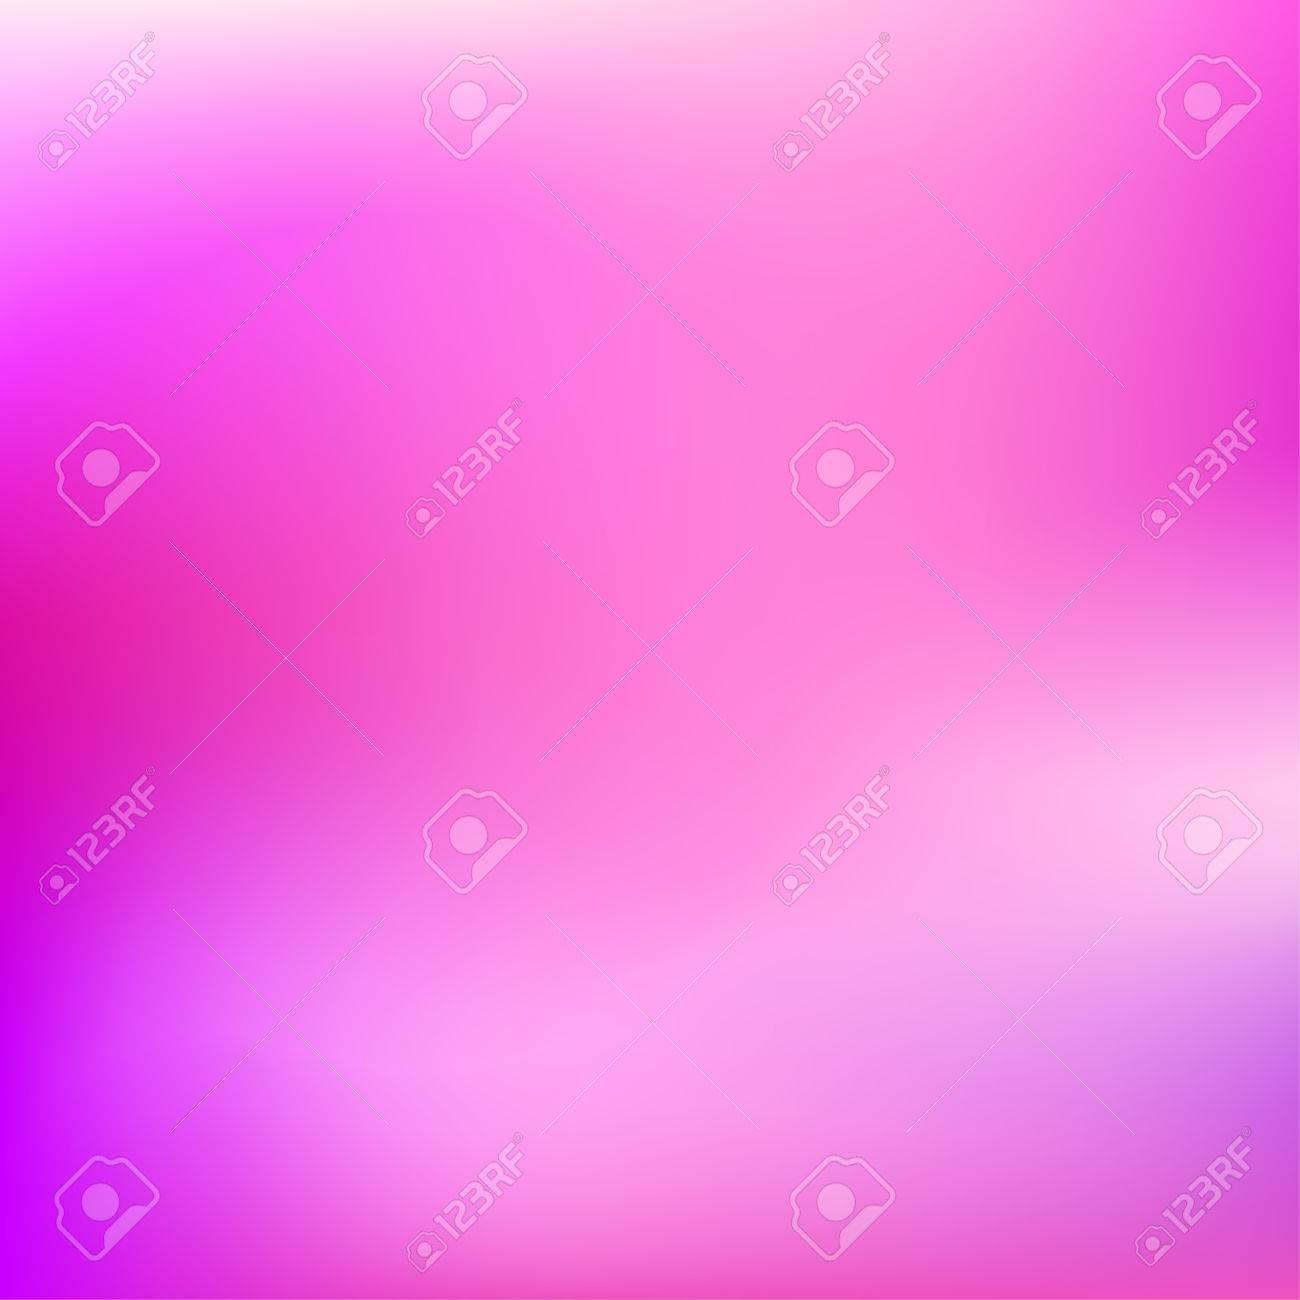 きれいなピンク色は 背景のグラデーション スタイルをぼやけています